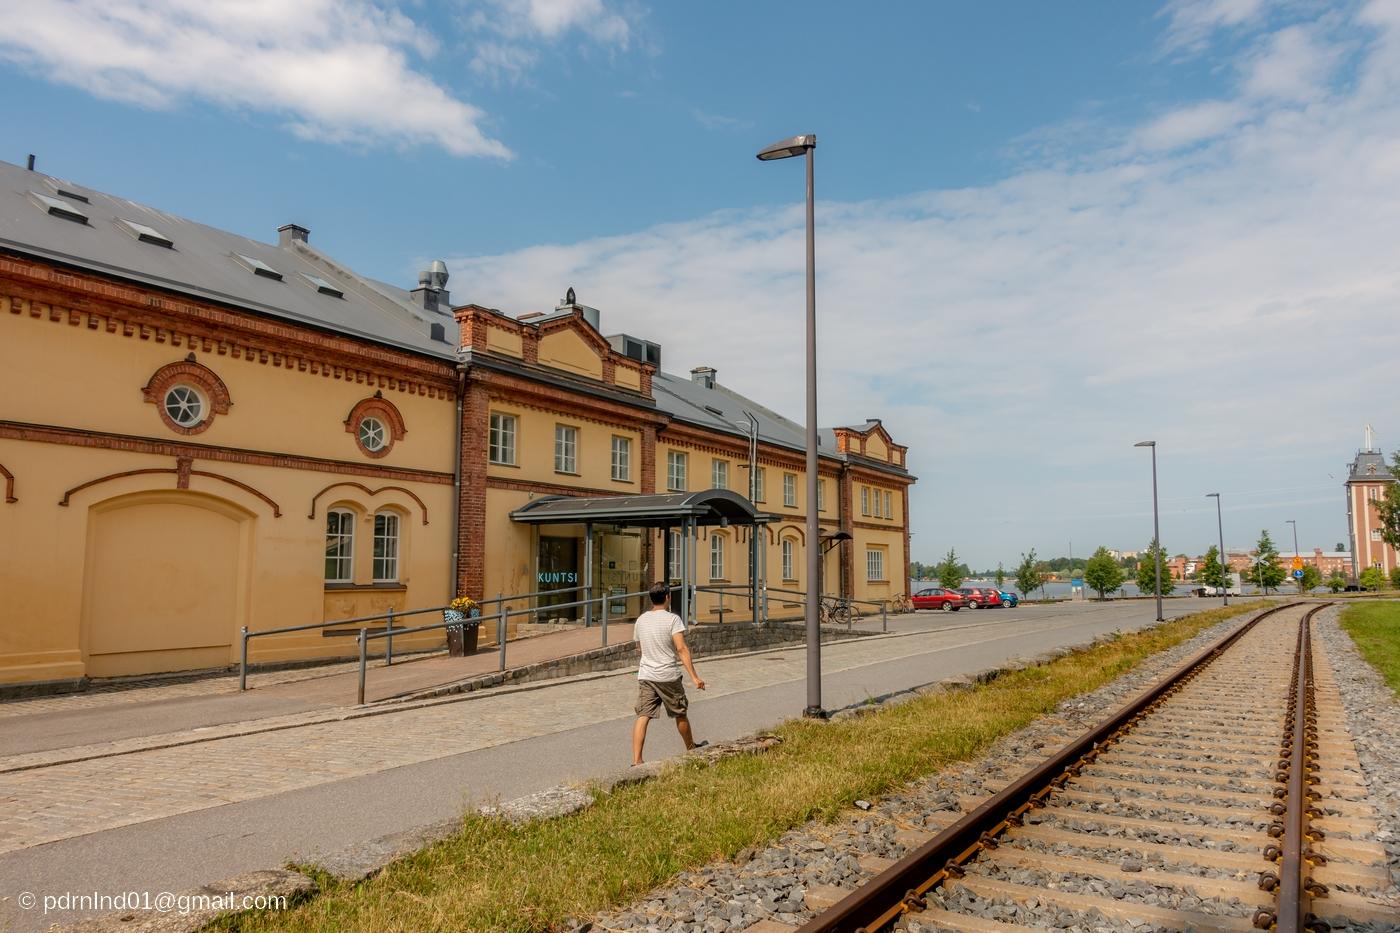 Kuntsi museum Vasa